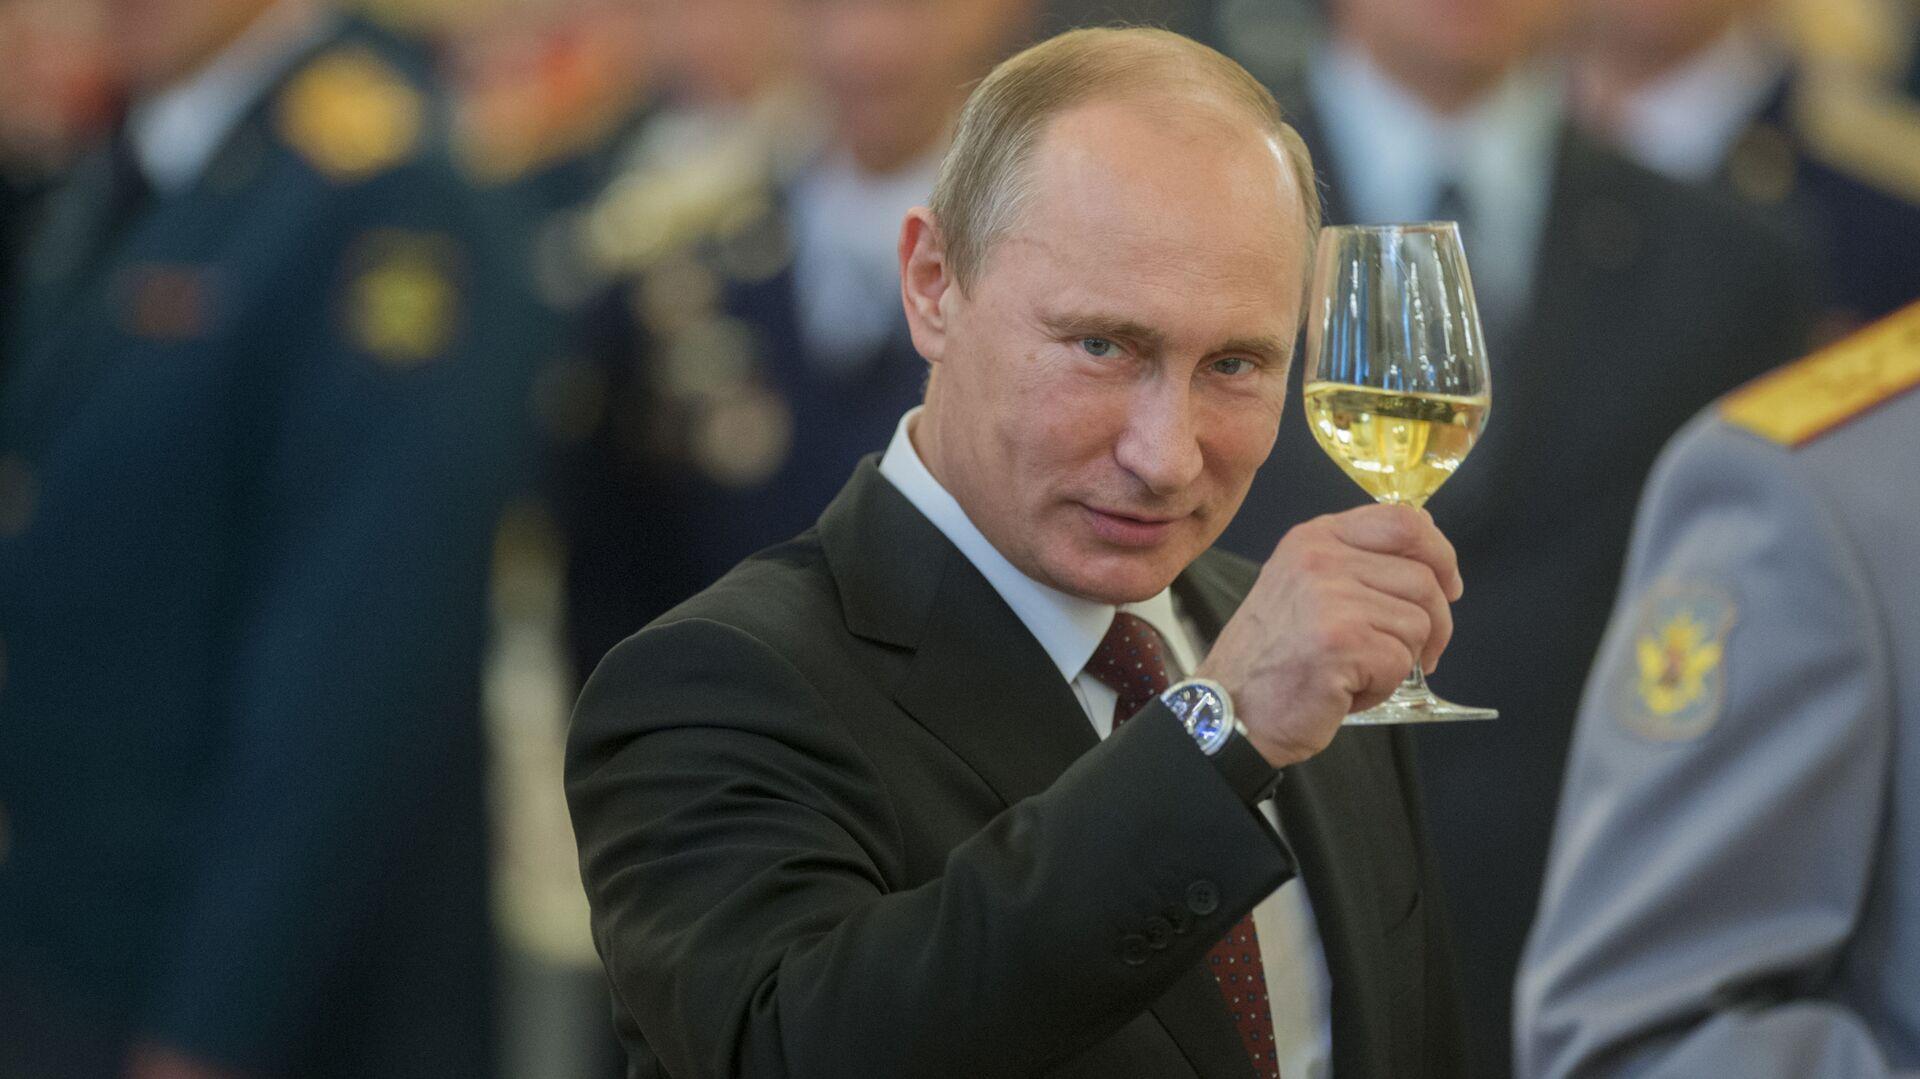 Vladímir Putin en un banquete en el Kremlin - Sputnik Mundo, 1920, 07.10.2021